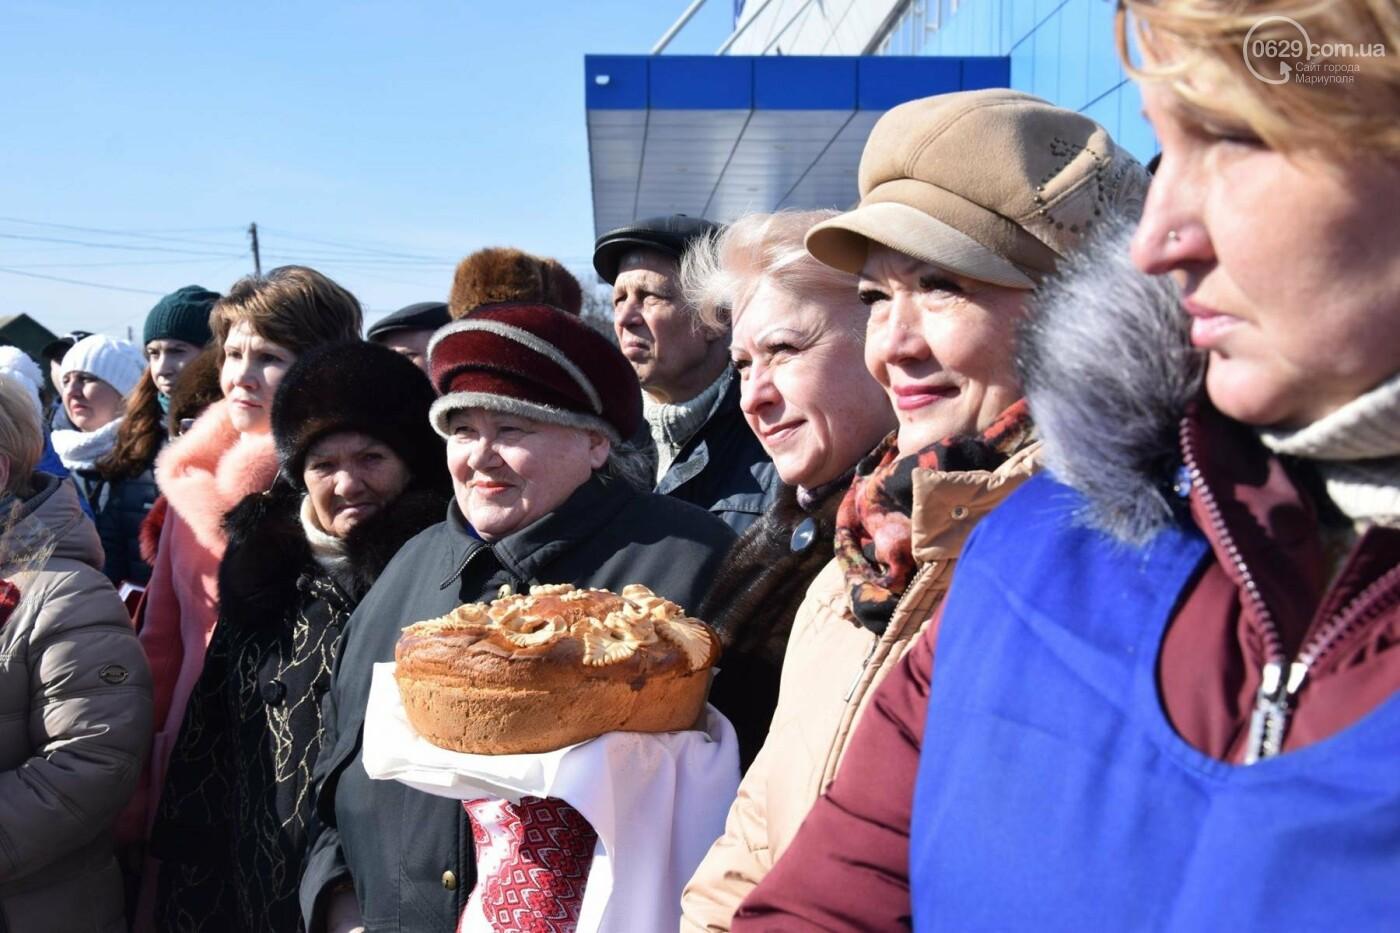 """В Мариуполе из МКР """"Черемушки"""" и поселка Моряков запустили два новых автобусных маршрута (ФОТО, ВИДЕО), фото-13"""